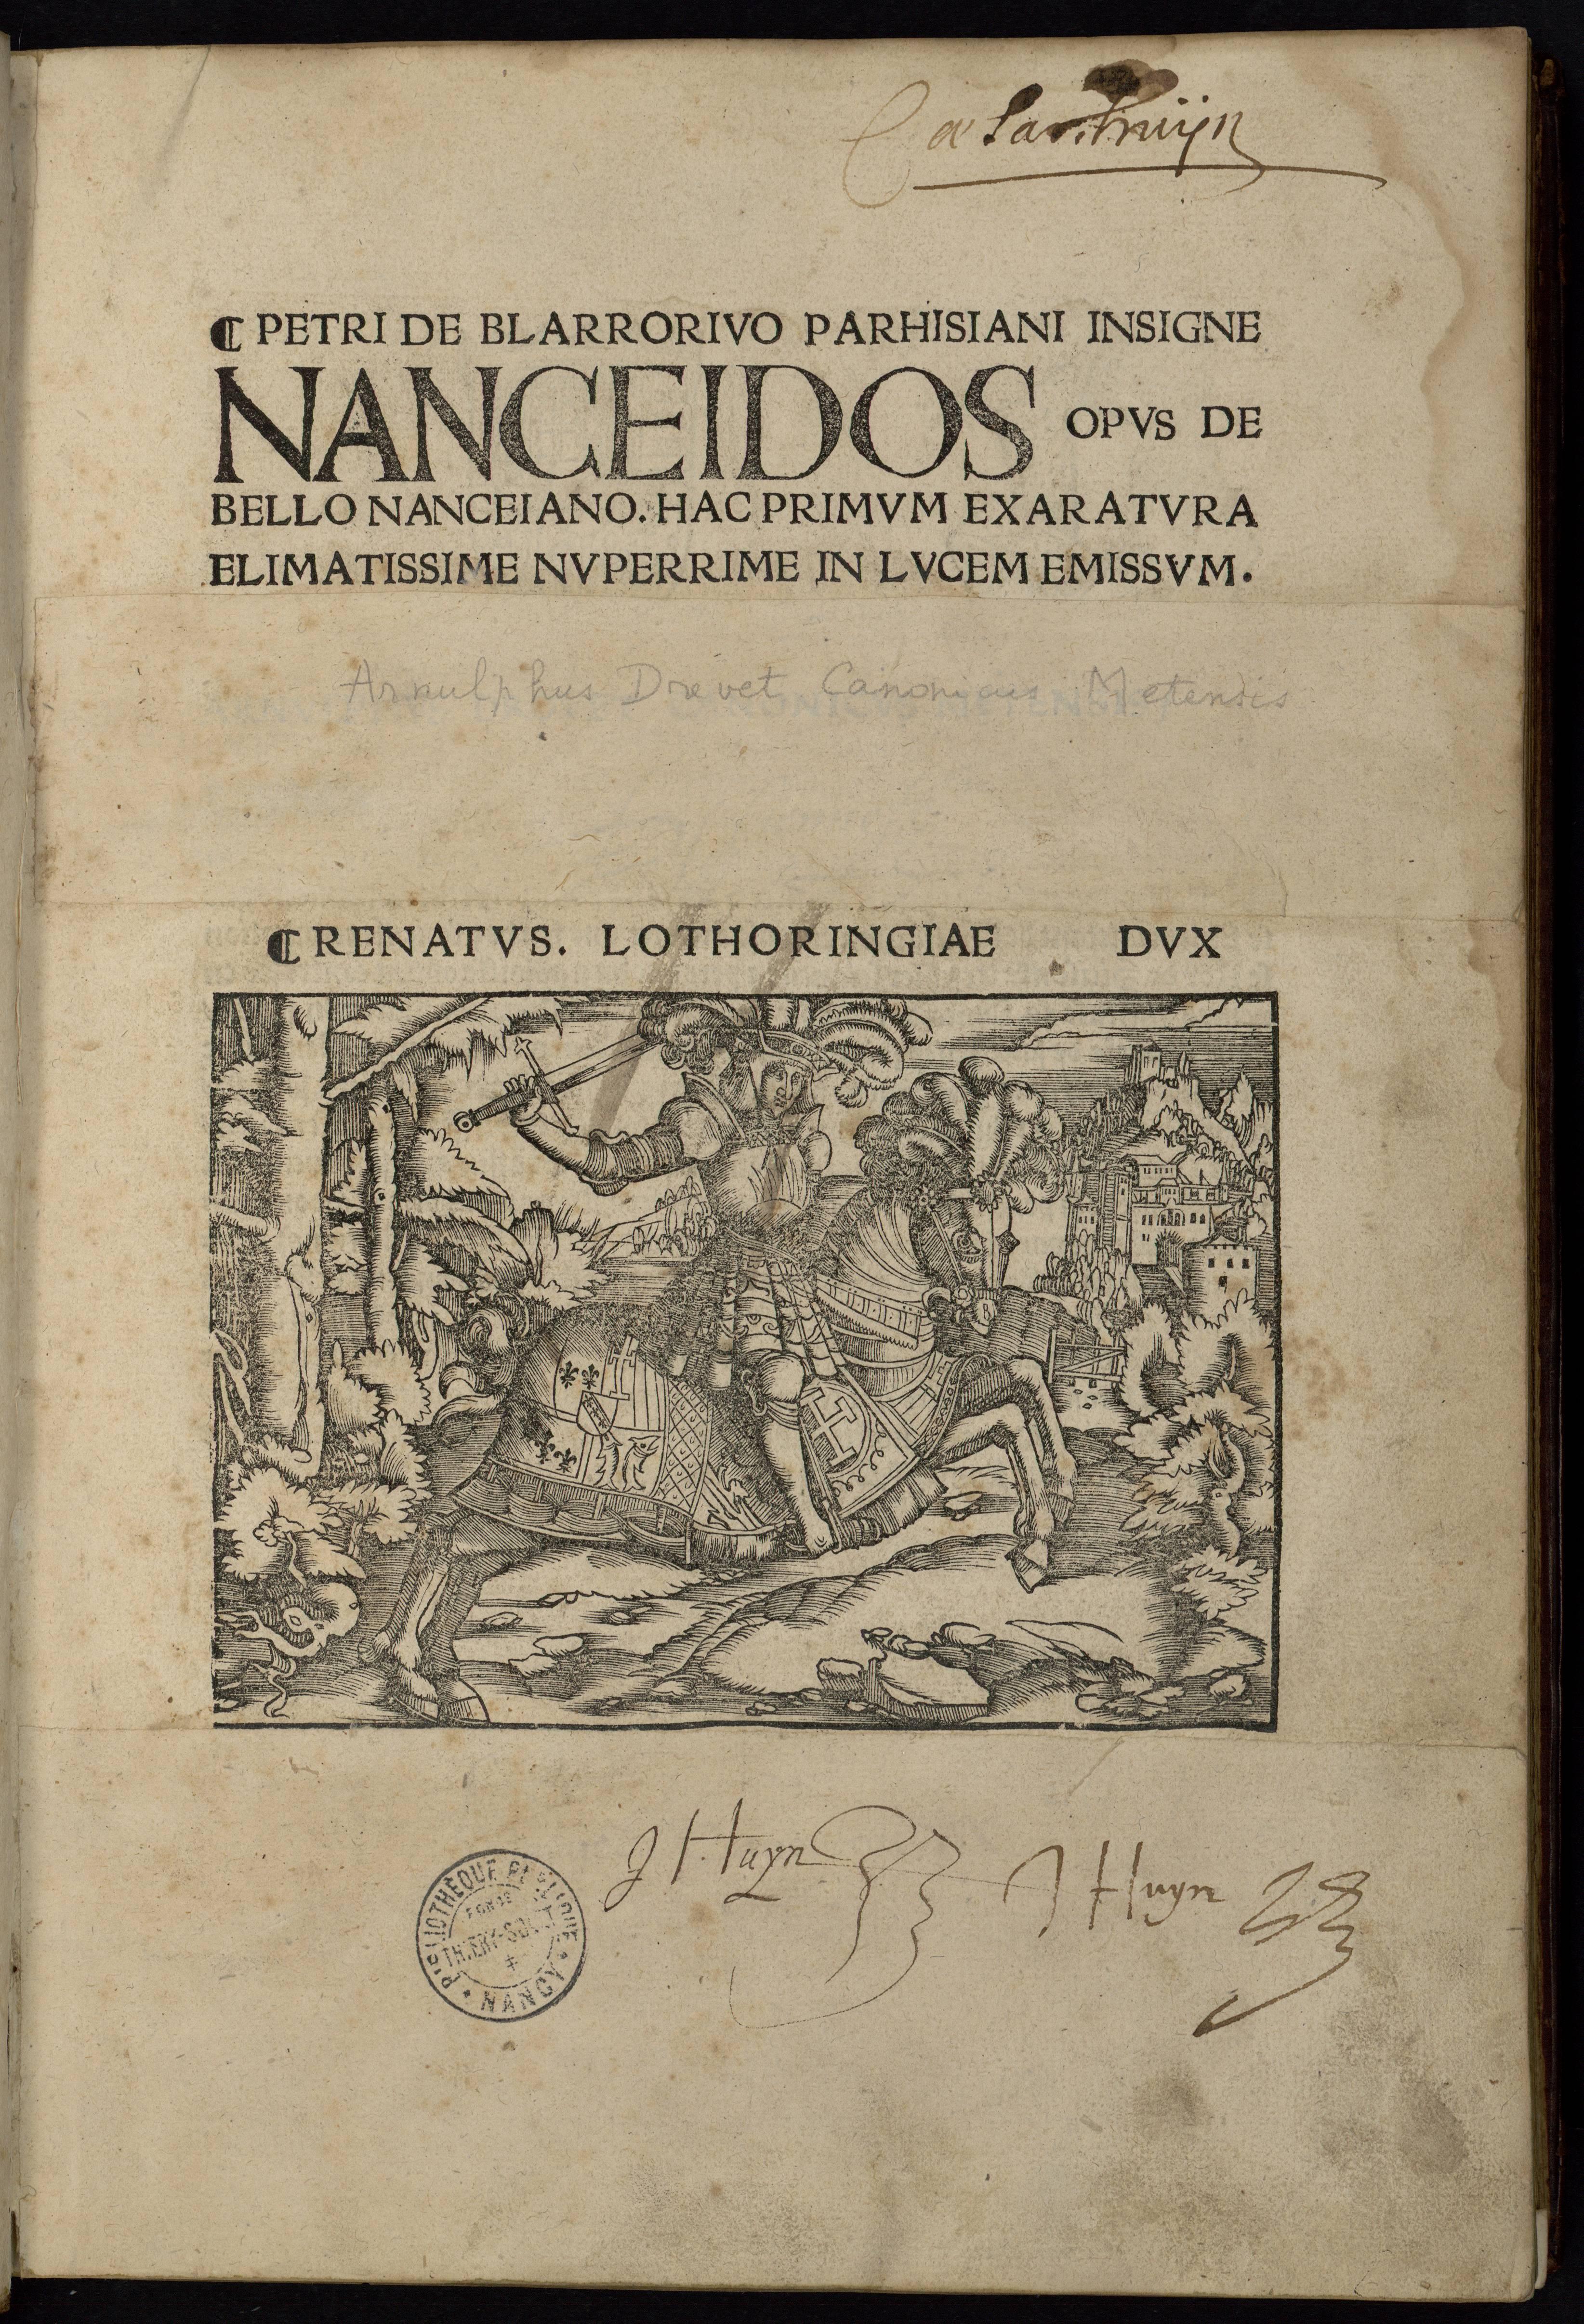 Contenu du Petri De Blarrorivo Parhisiani insigne Nanceidos opus de bello nanceiano. Hac primum exaratura elimatissime nuperrime in lucem emissum